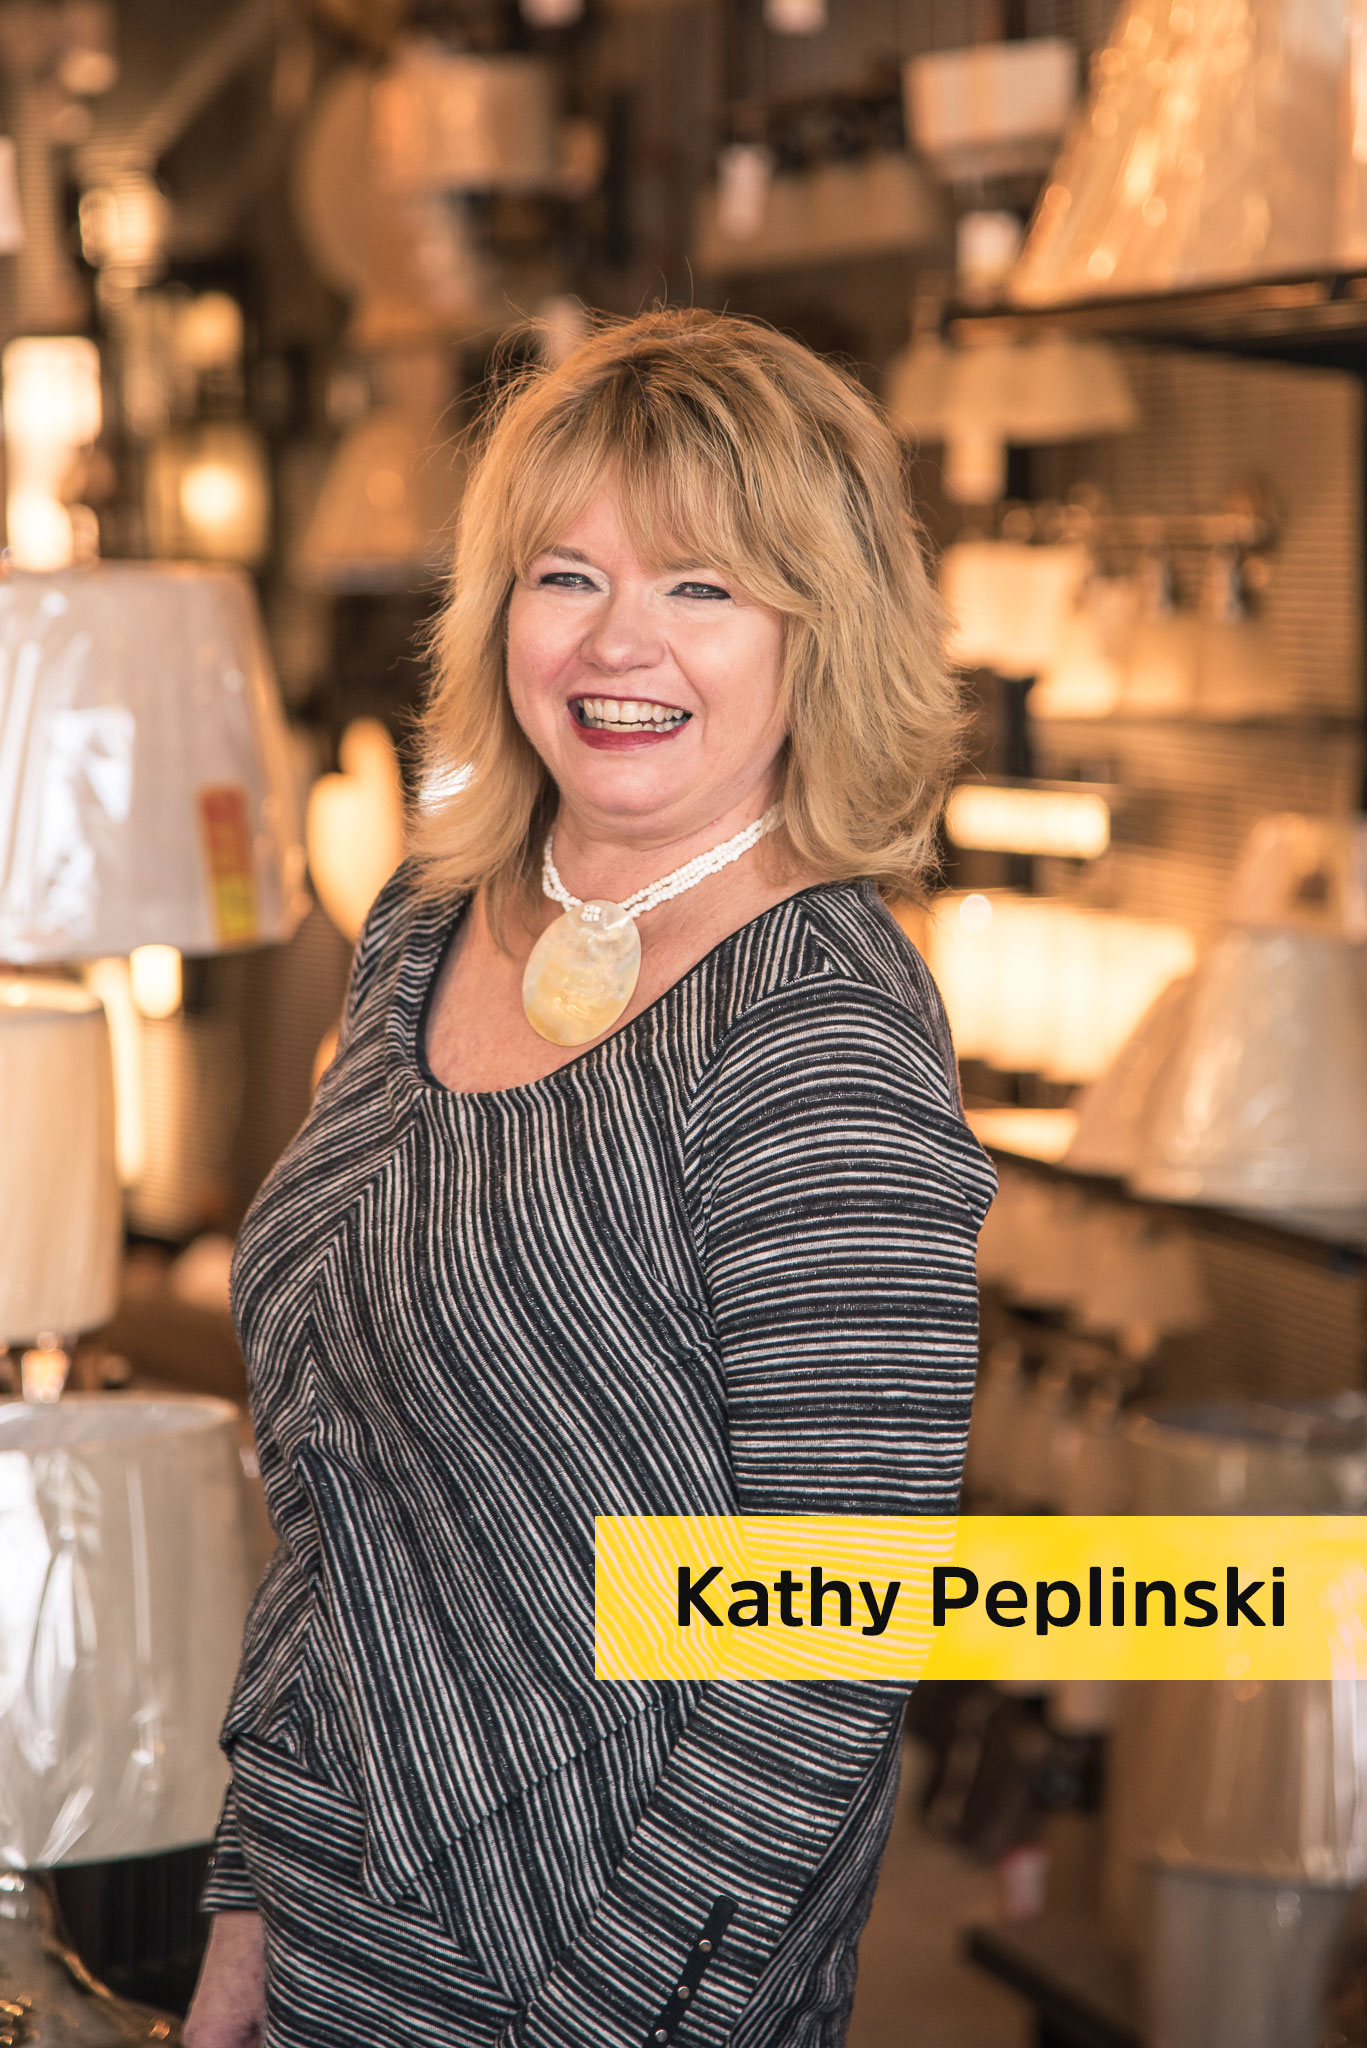 Kathy Peplinski